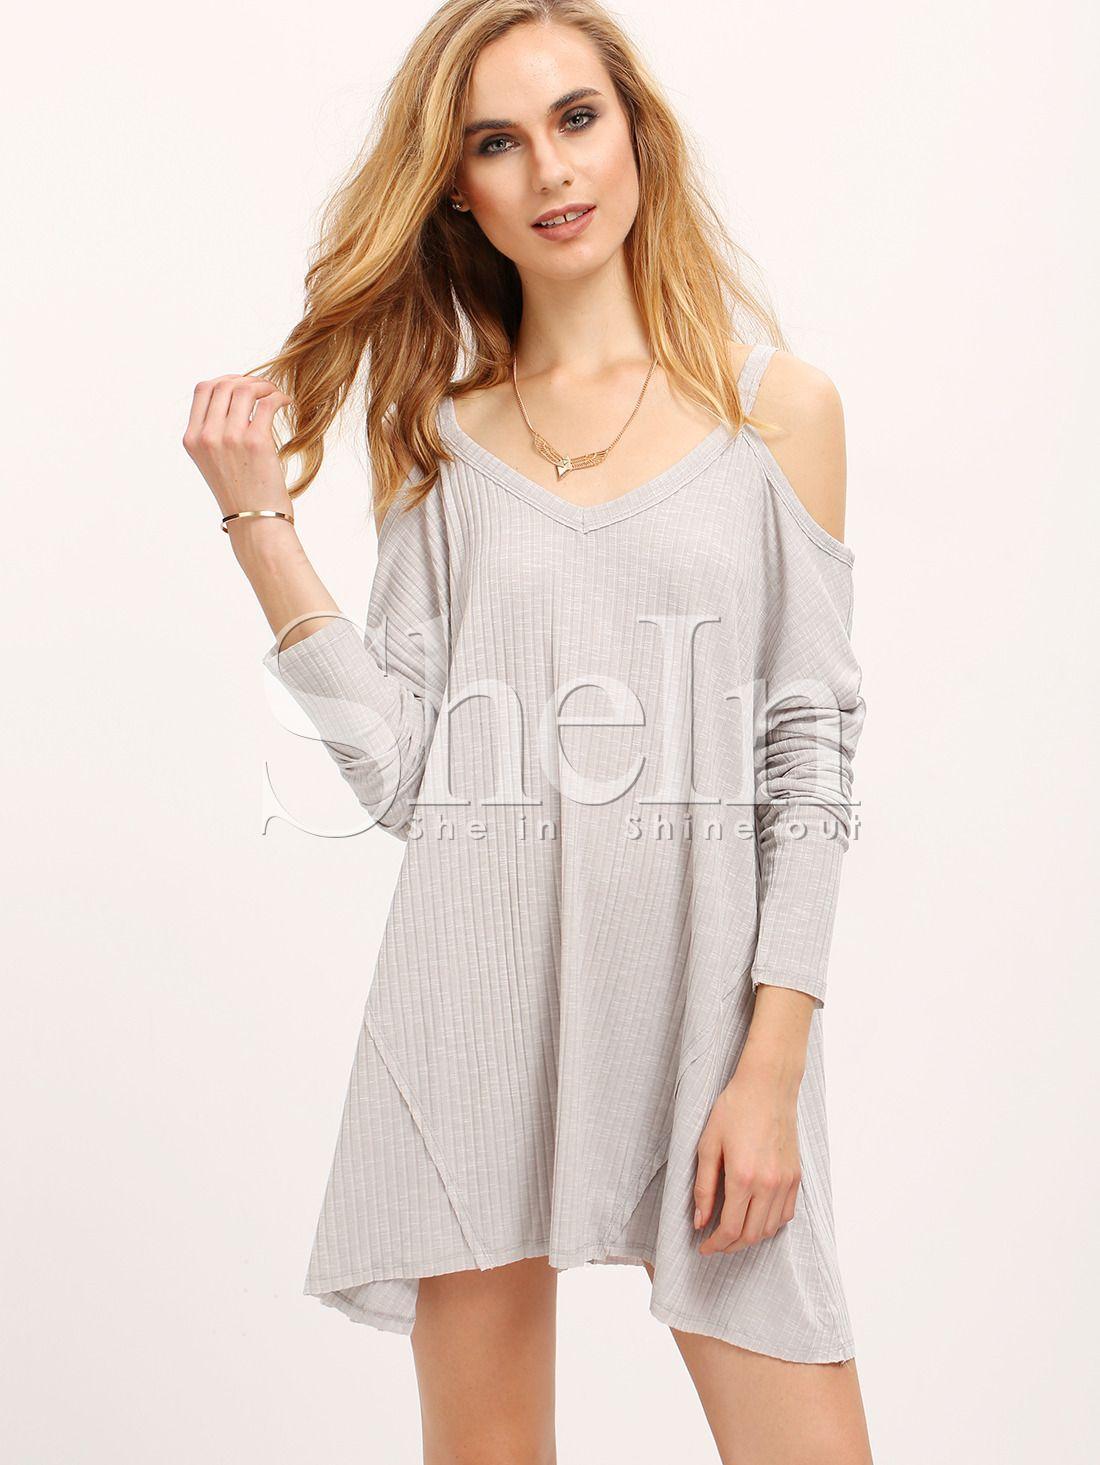 fa5dadd308 Grey+Off+The+Shoulder+Loose+Rib+Dress+16.99